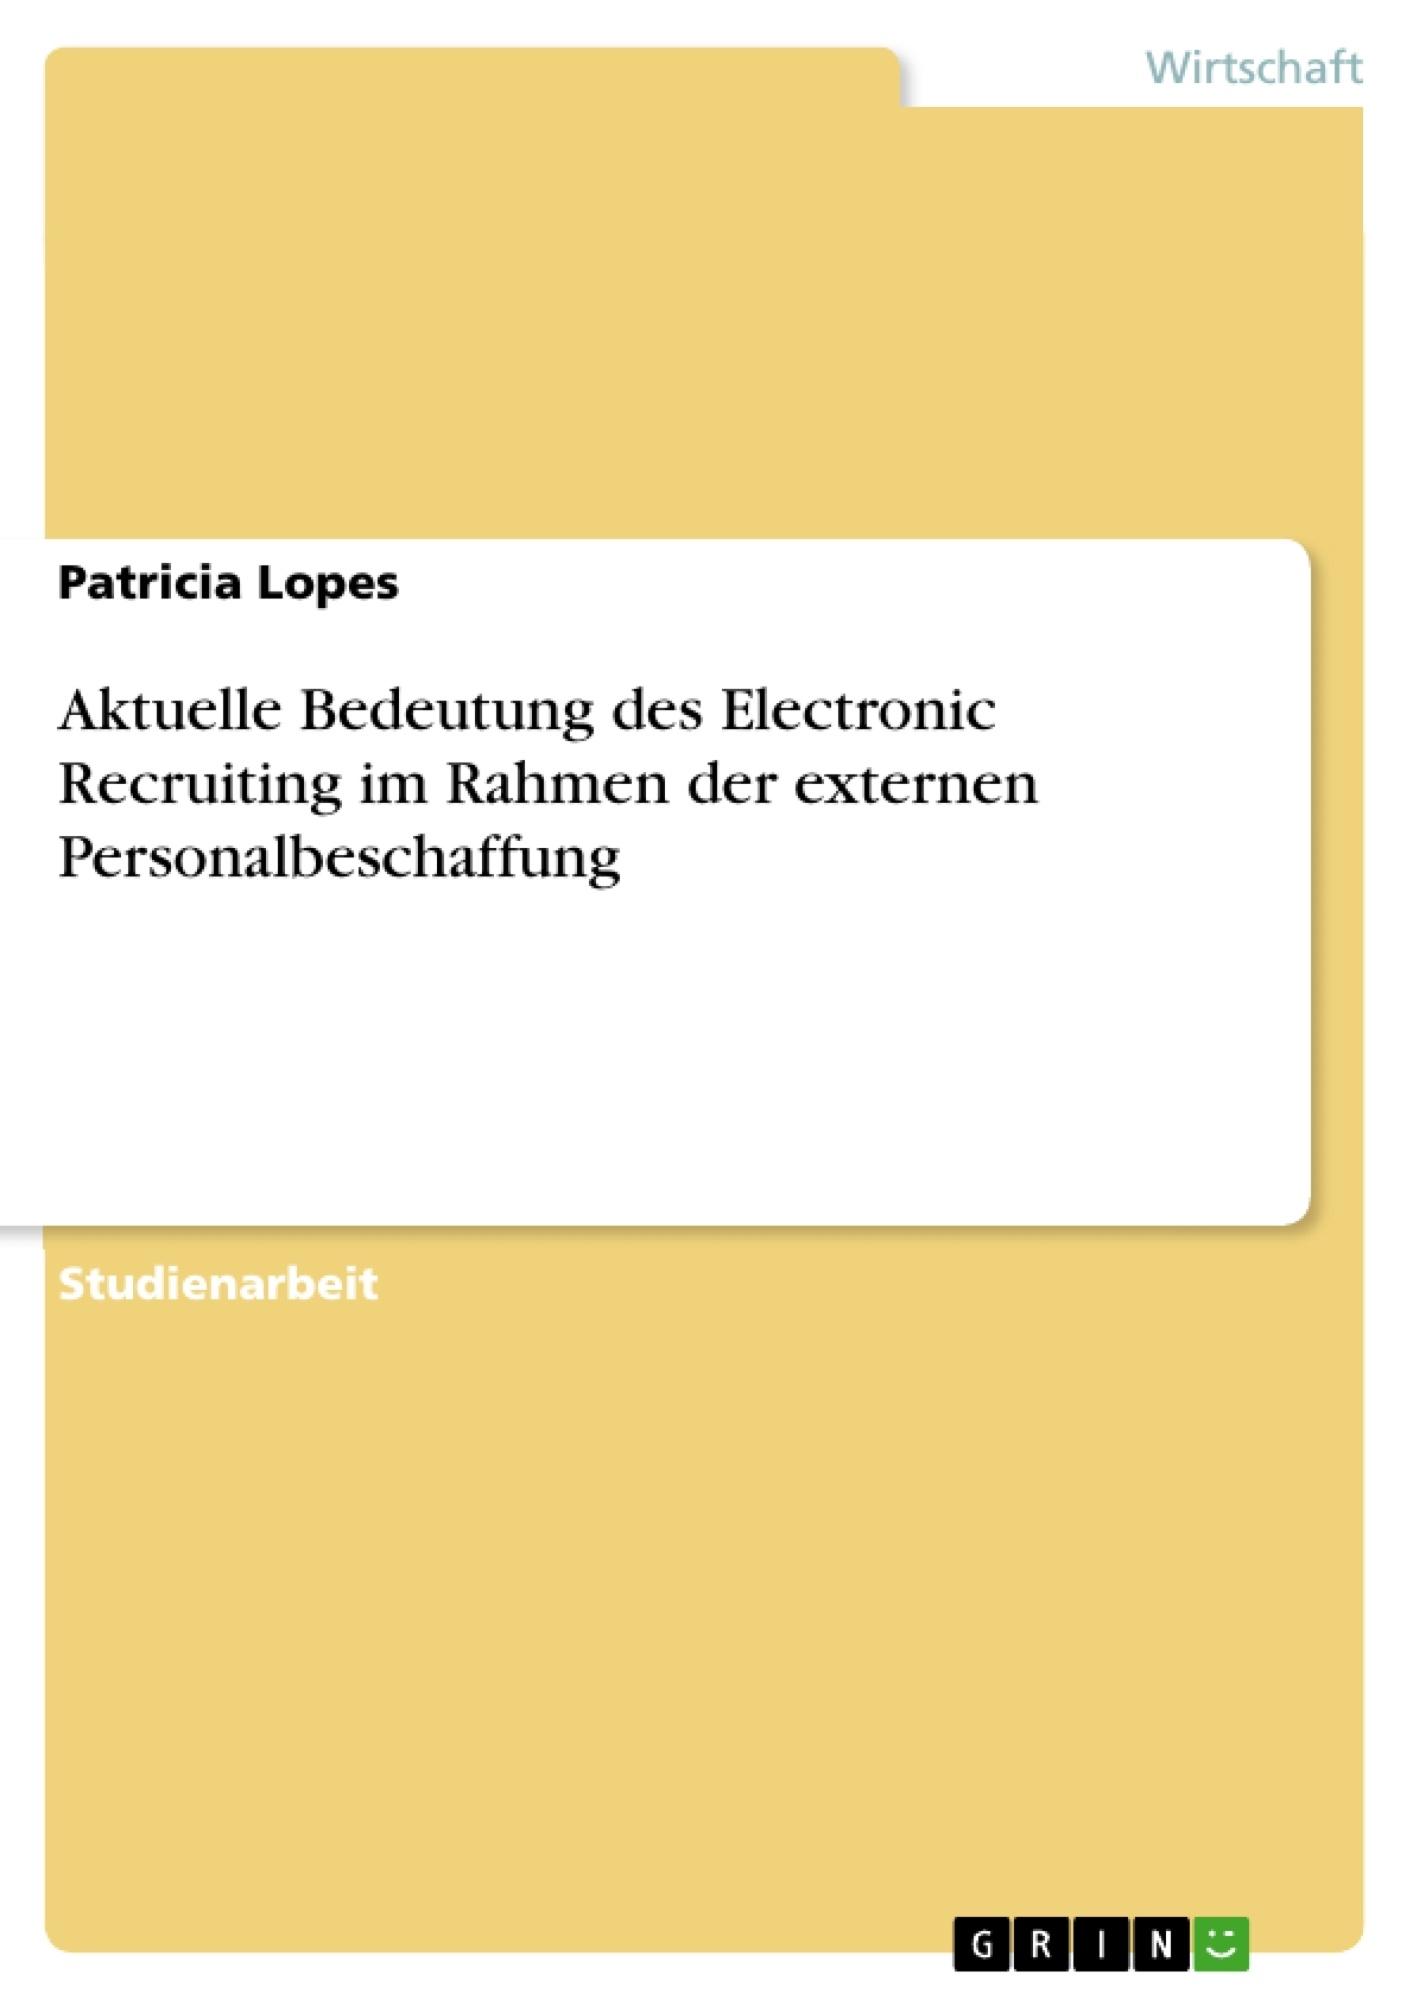 Titel: Aktuelle Bedeutung des Electronic Recruiting im Rahmen der externen Personalbeschaffung